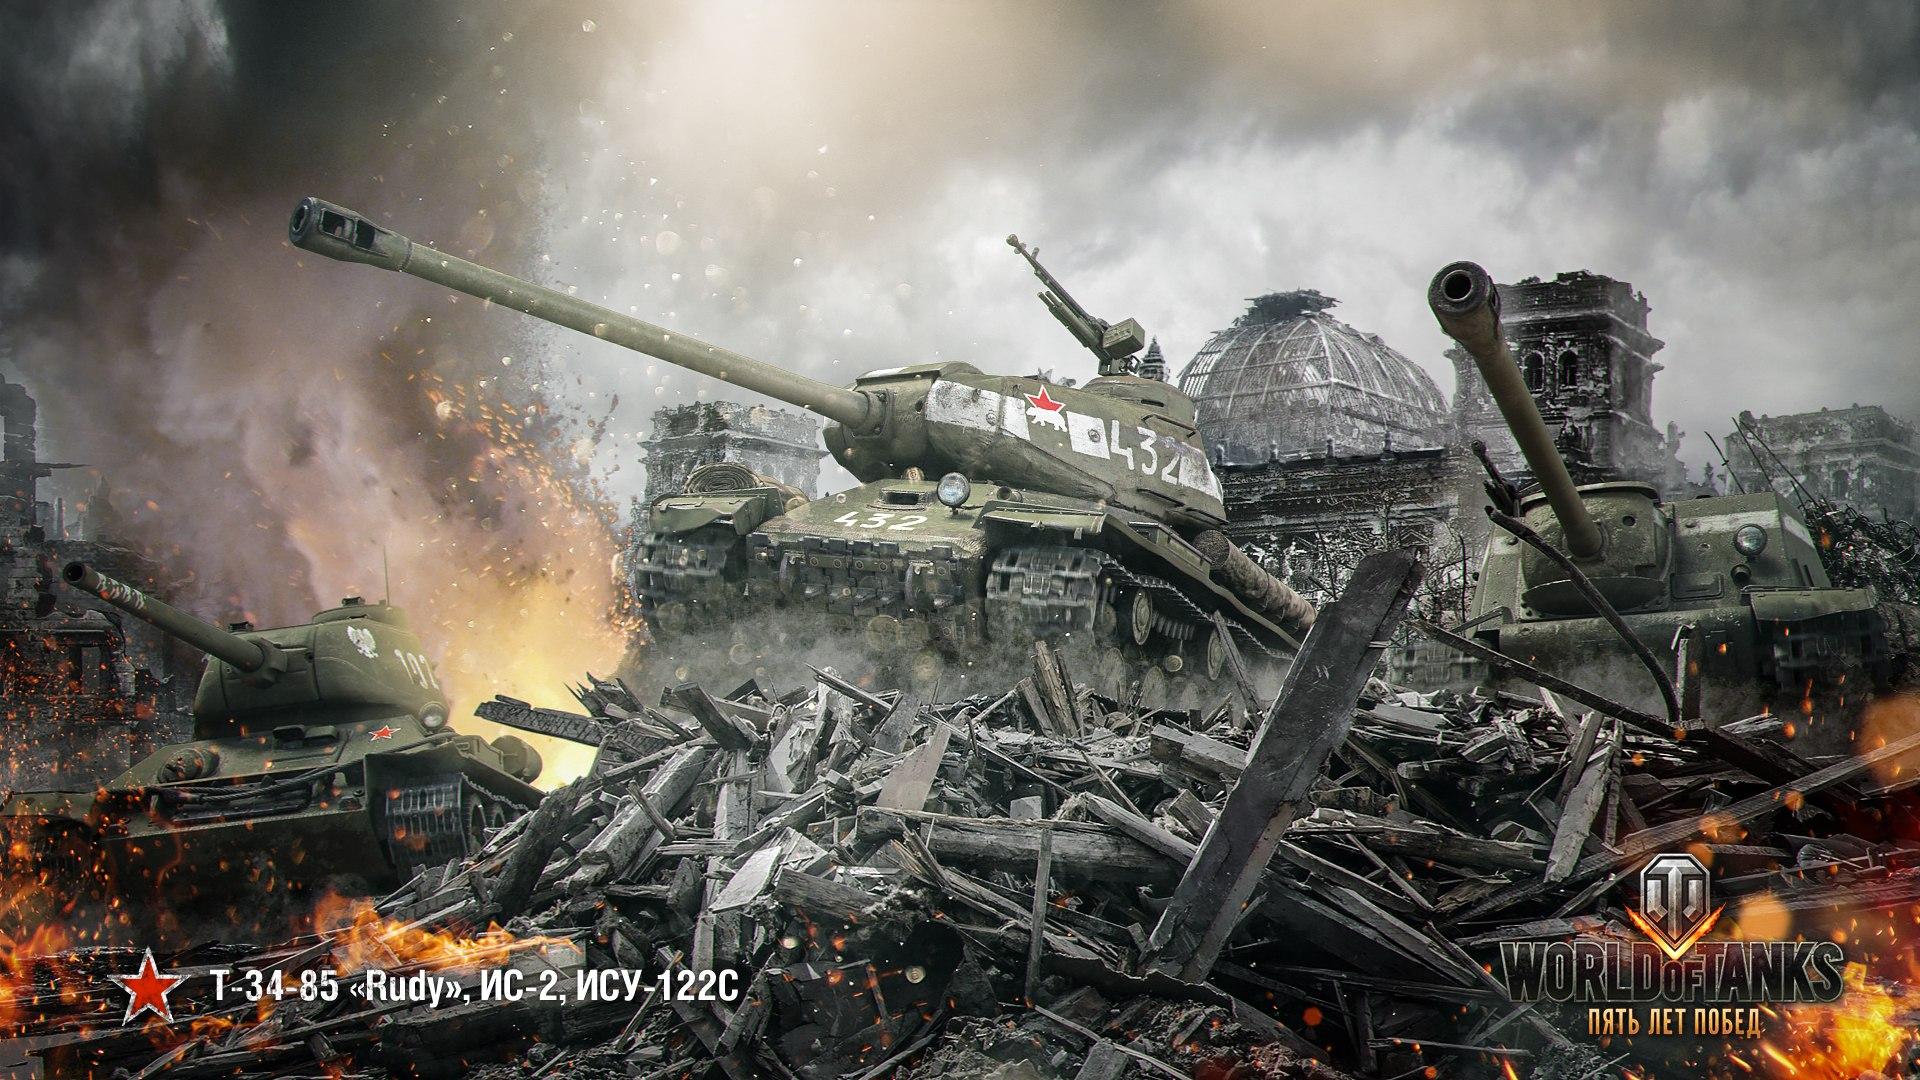 рисунок Т-34-85 Rudy, ИС-2, ИСУ-122С